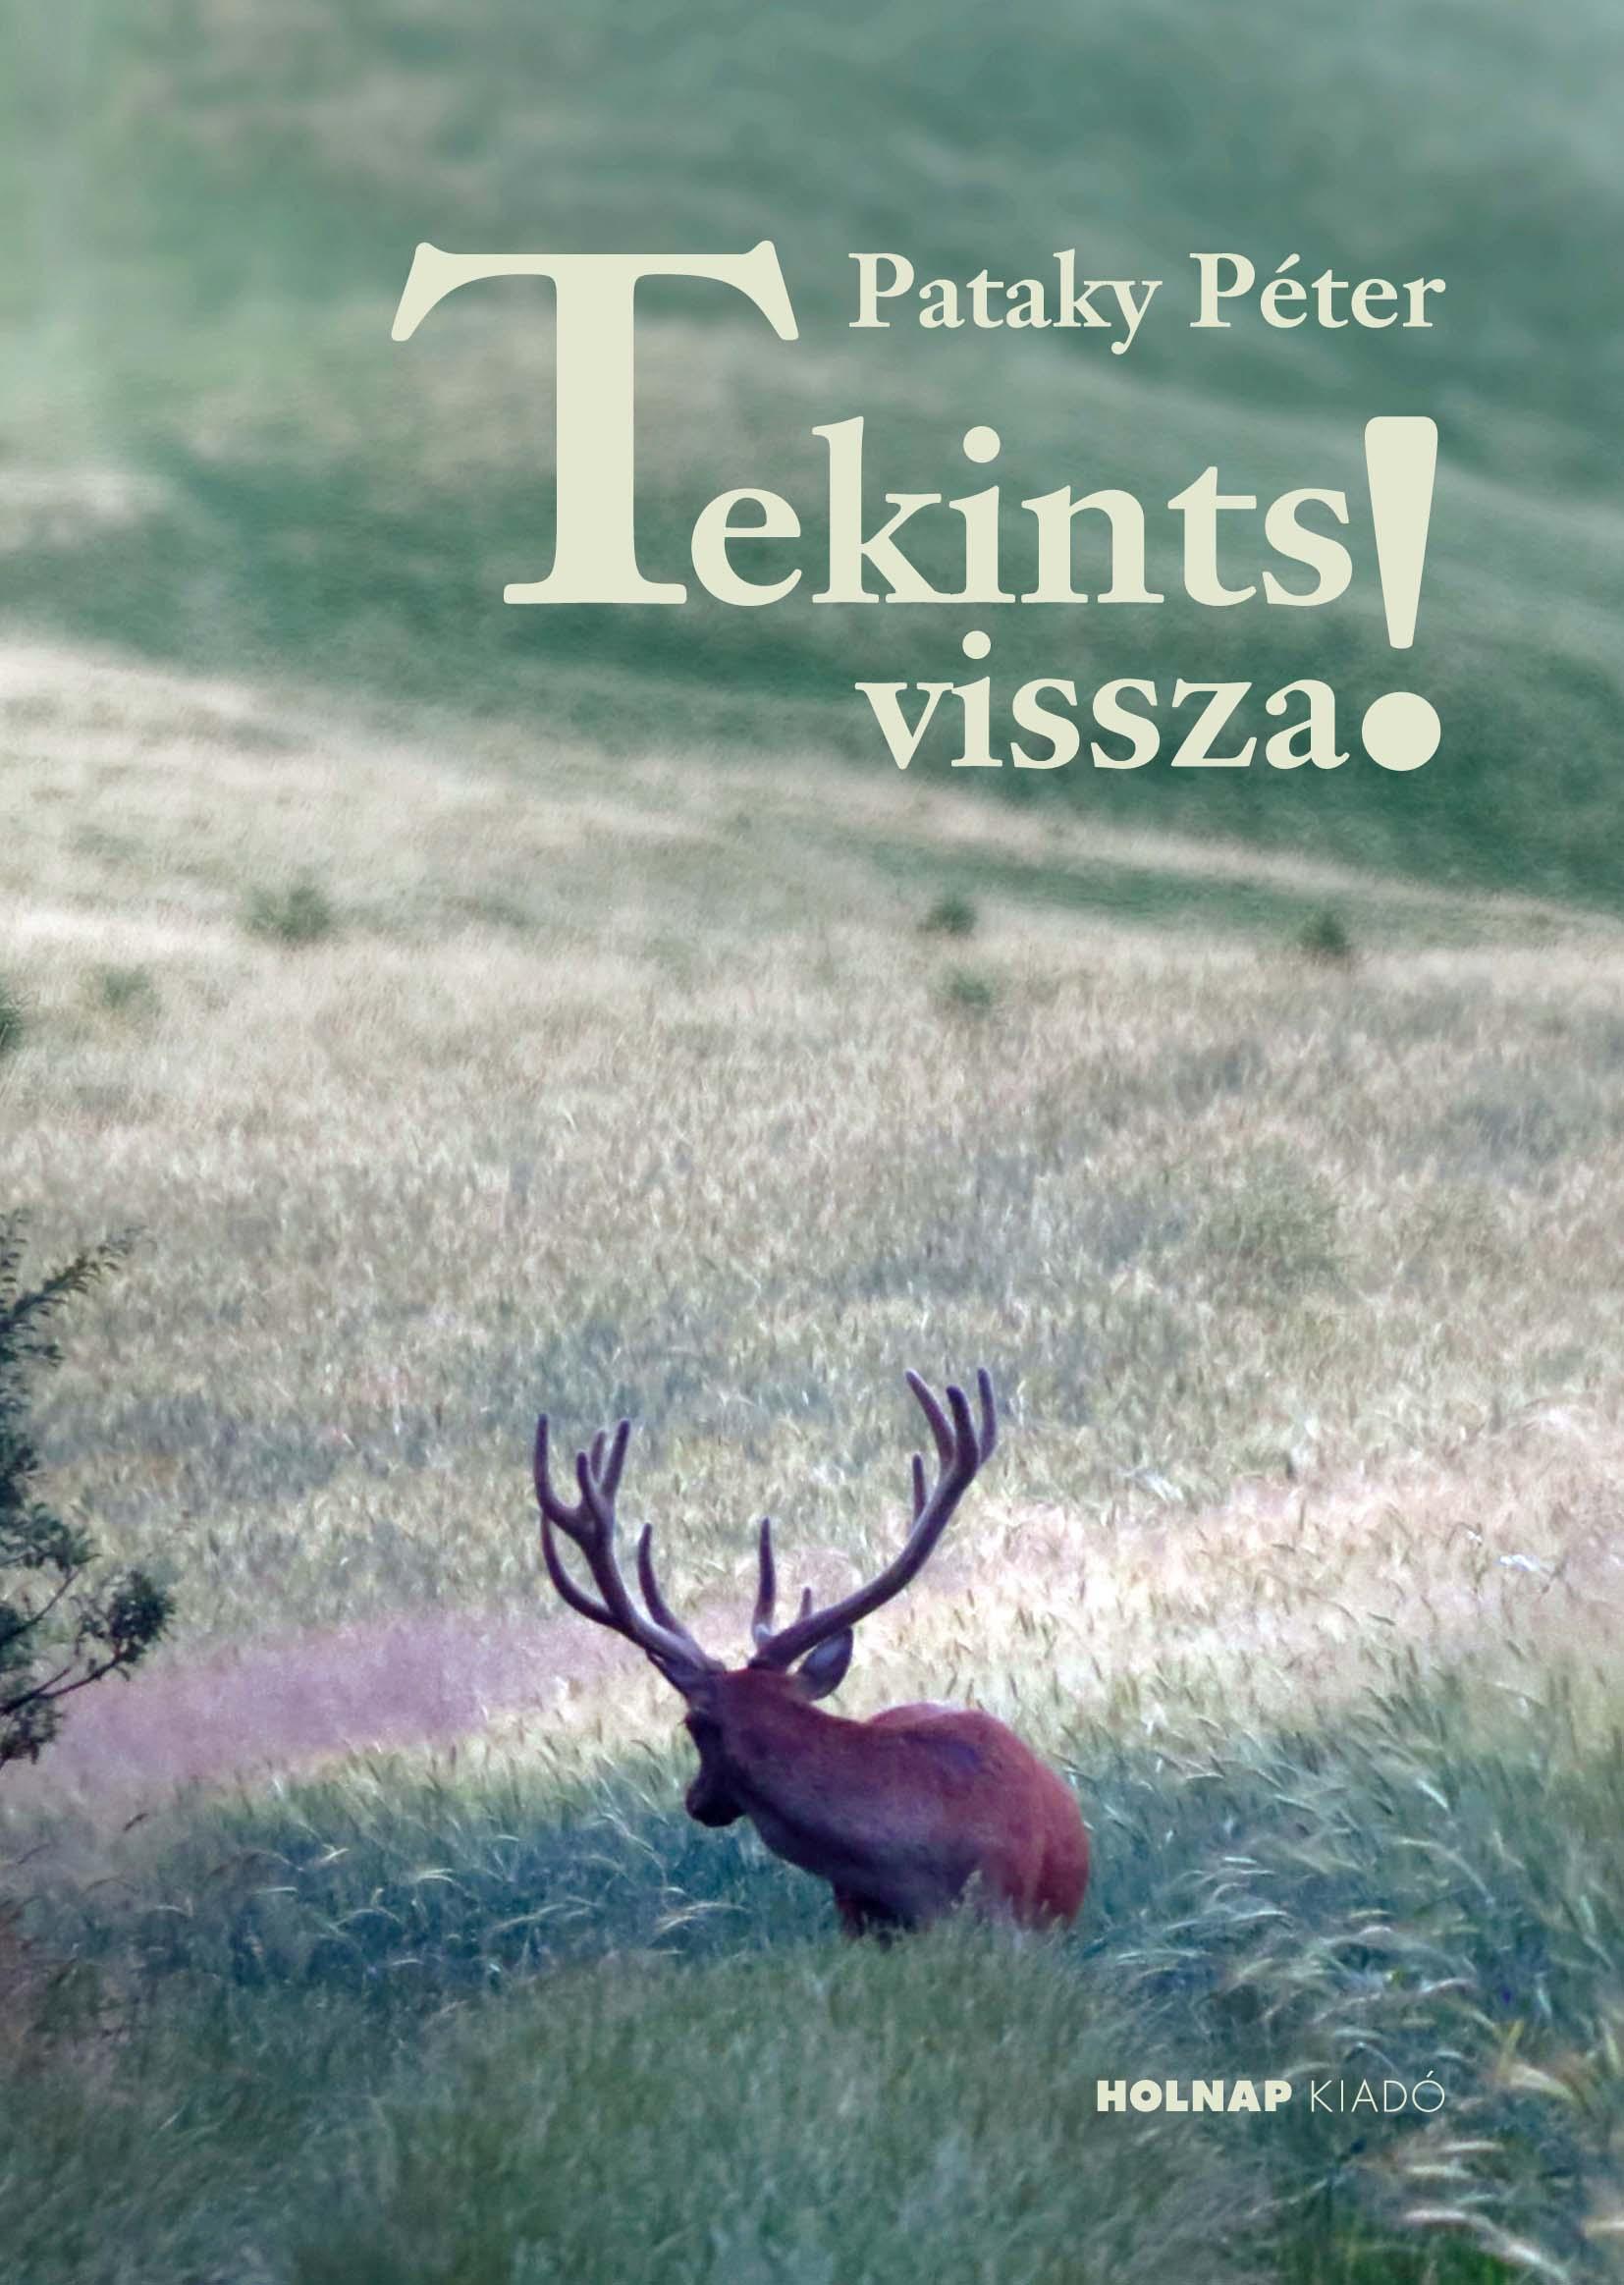 TEKINTS VISSZA!